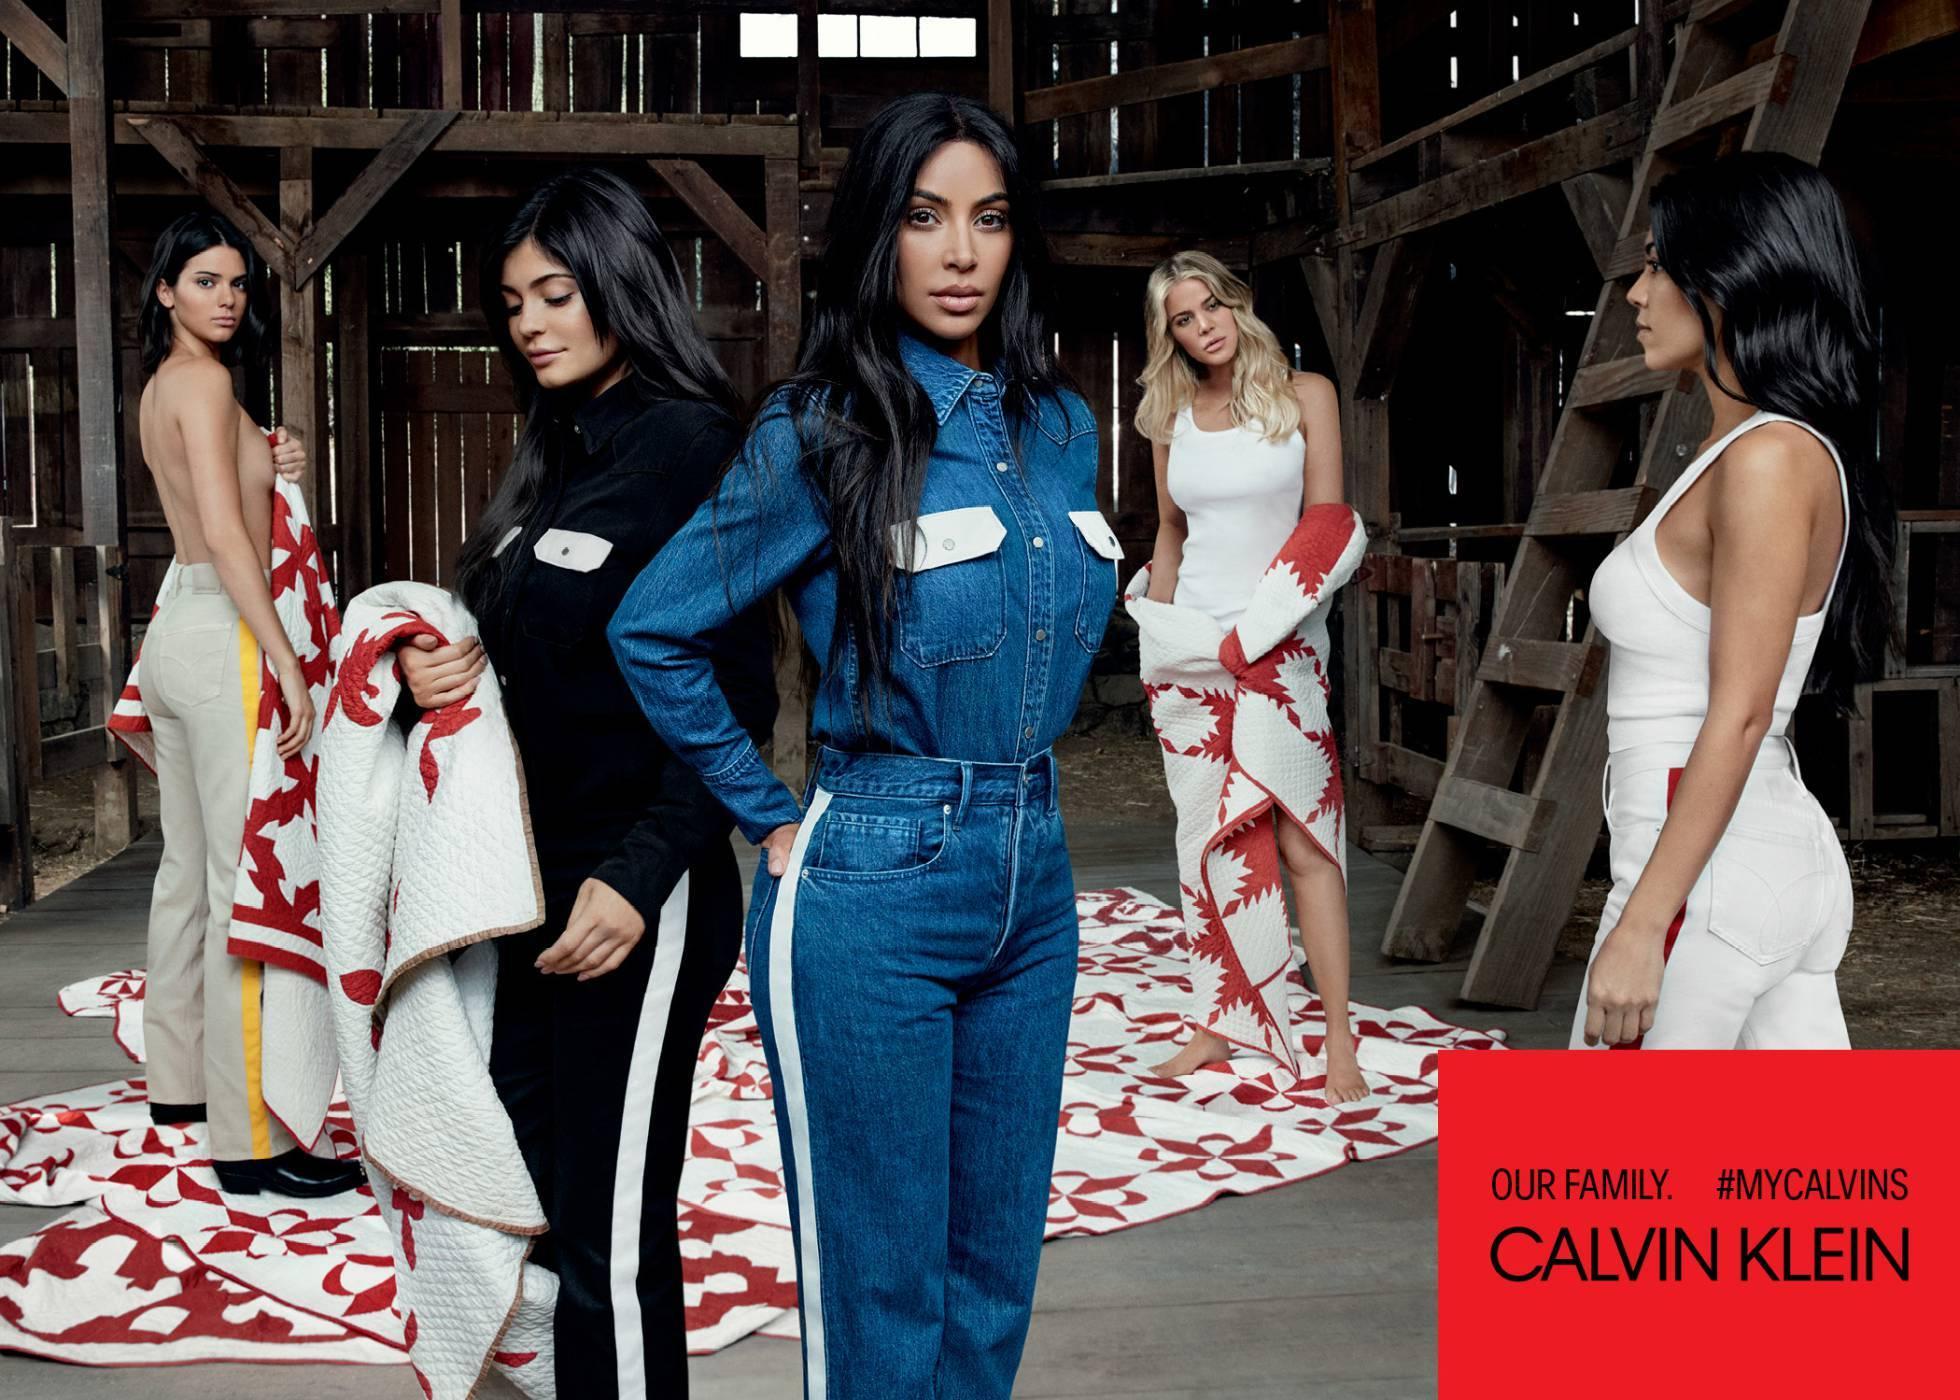 Las Kardashian posan con jeans y ropa interior de Calvin Klein.